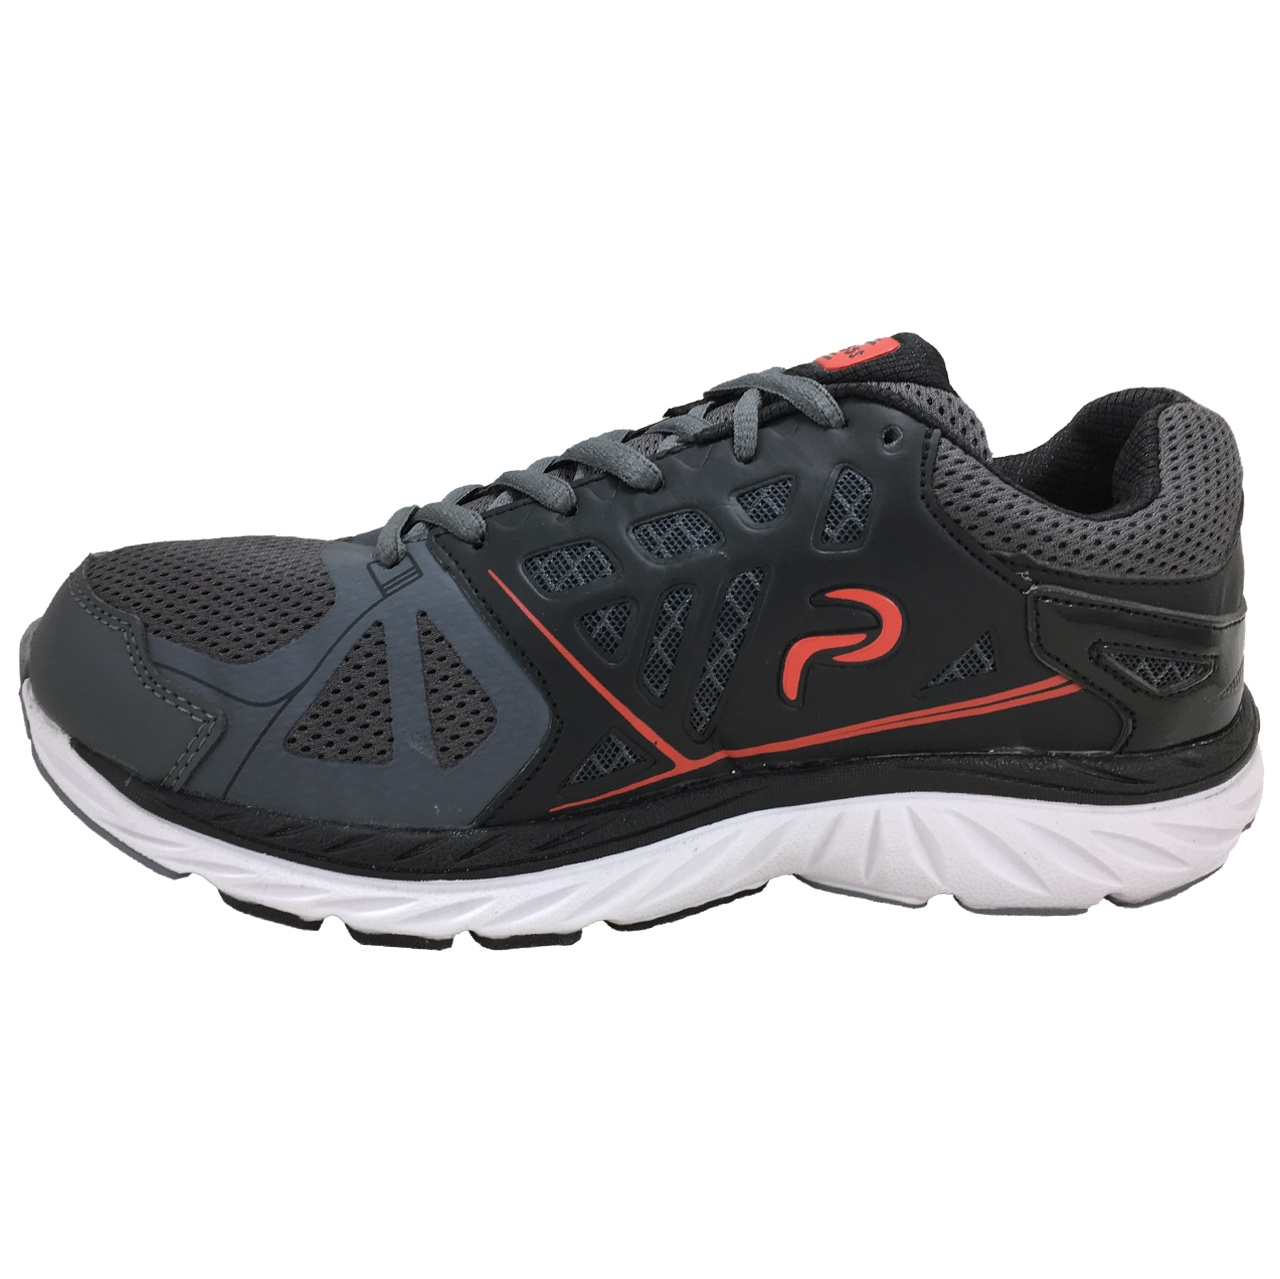 خرید                      کفش ورزشی مردانه مدل ویکتوریا کد 2848